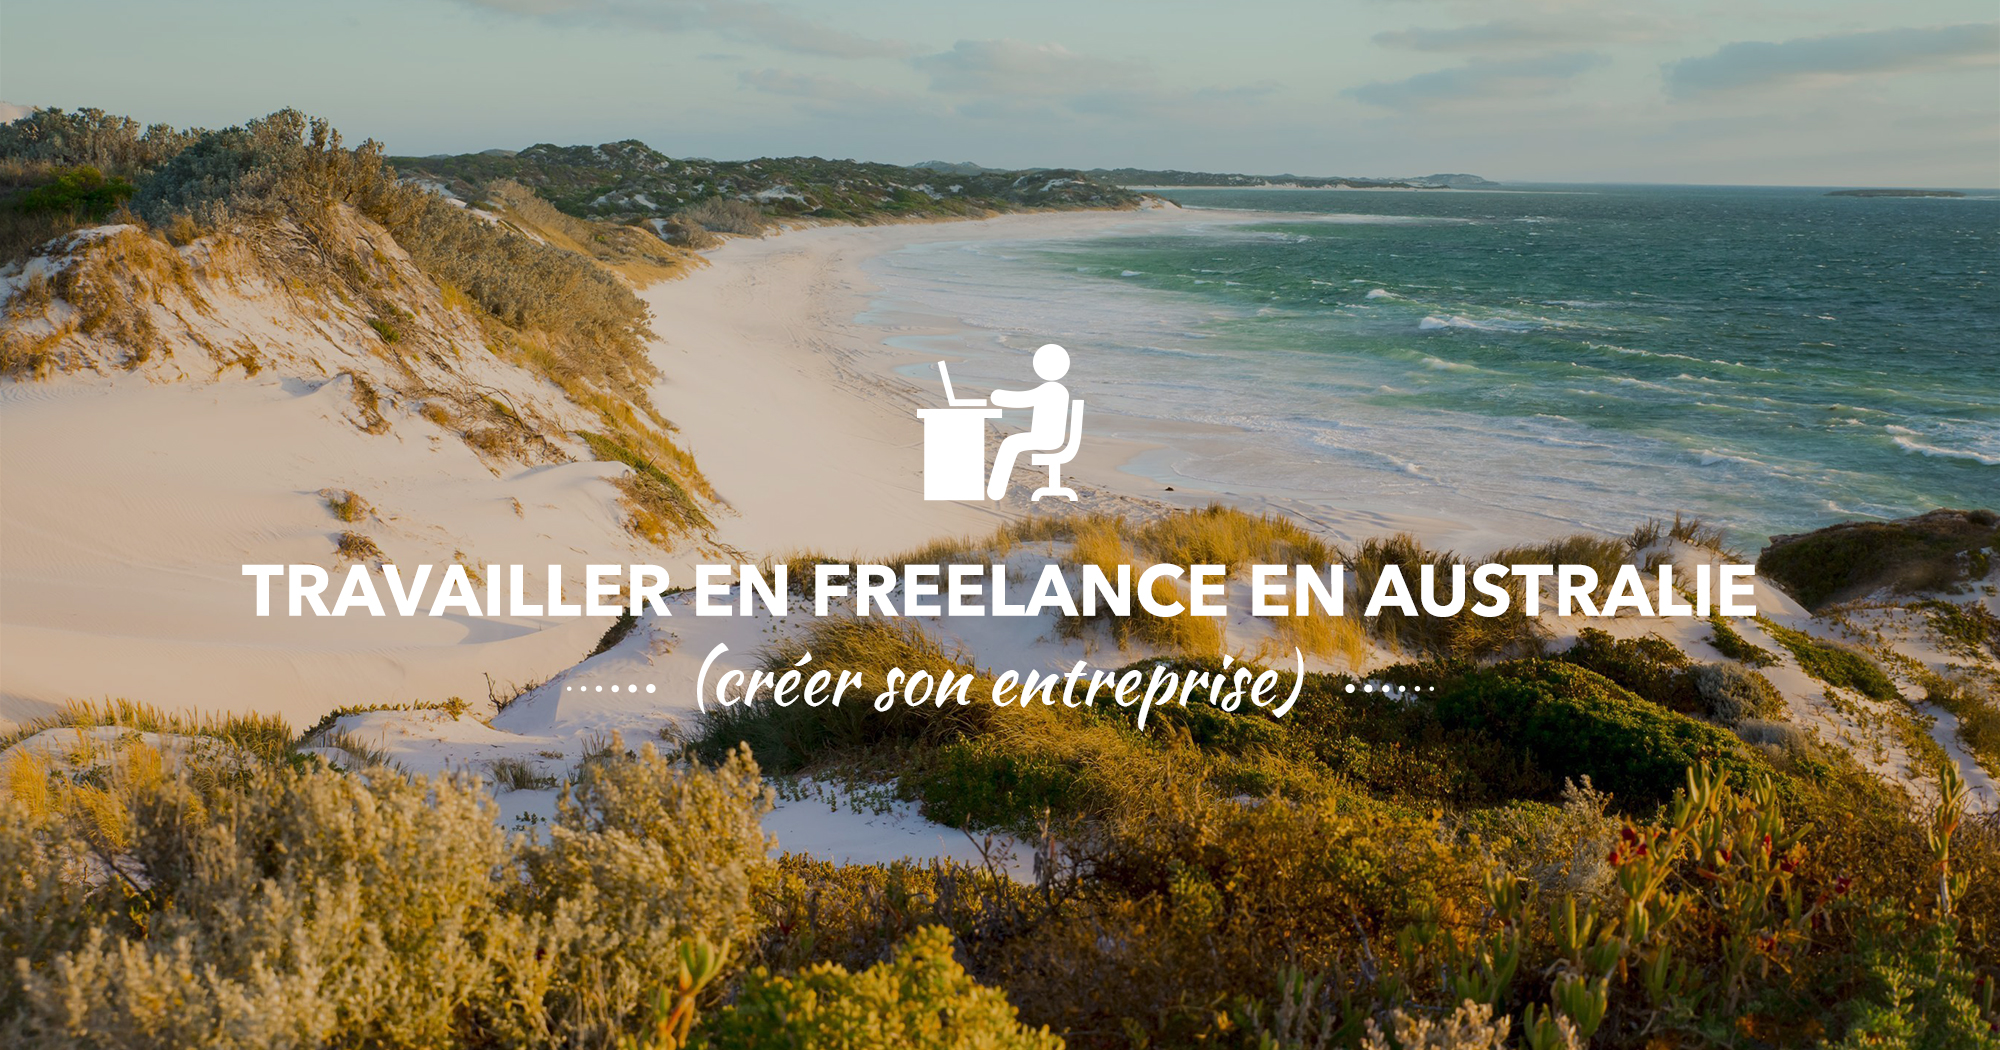 visuels-dossiers-whv-australie-travailler-freelance